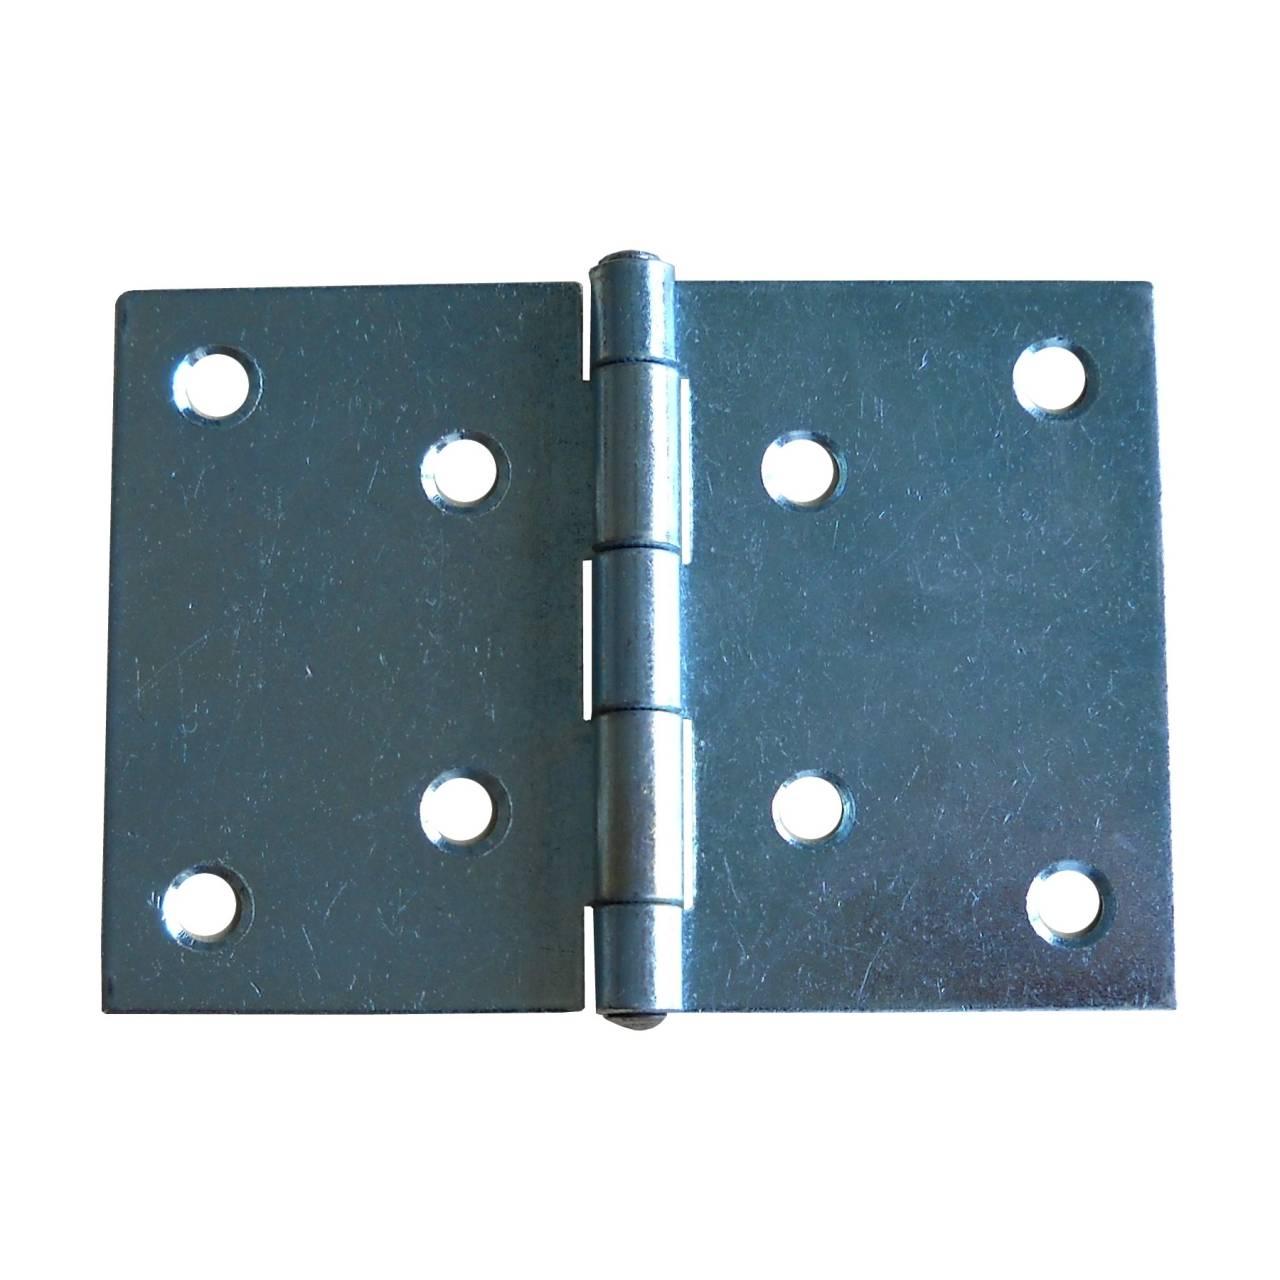 Scharnier vz 80 x 121 x 1,5 mm / Pck a 2 Stück